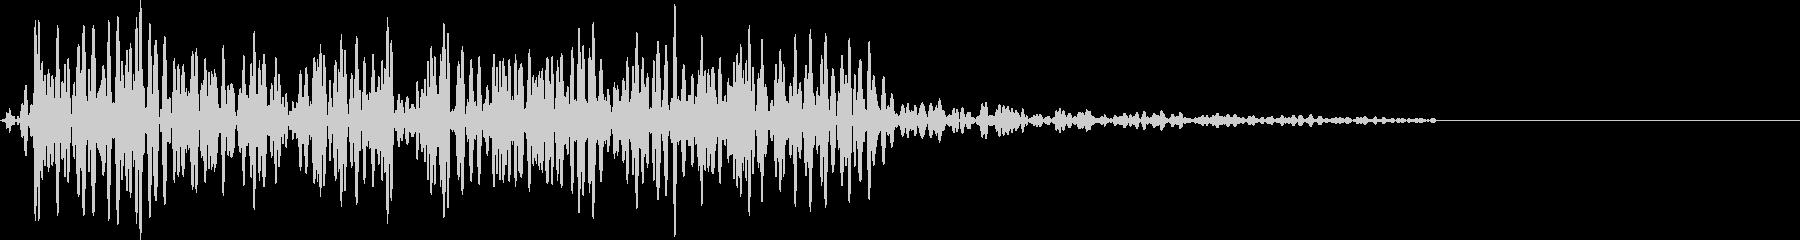 ショートローエンドロゴスティンガーの未再生の波形